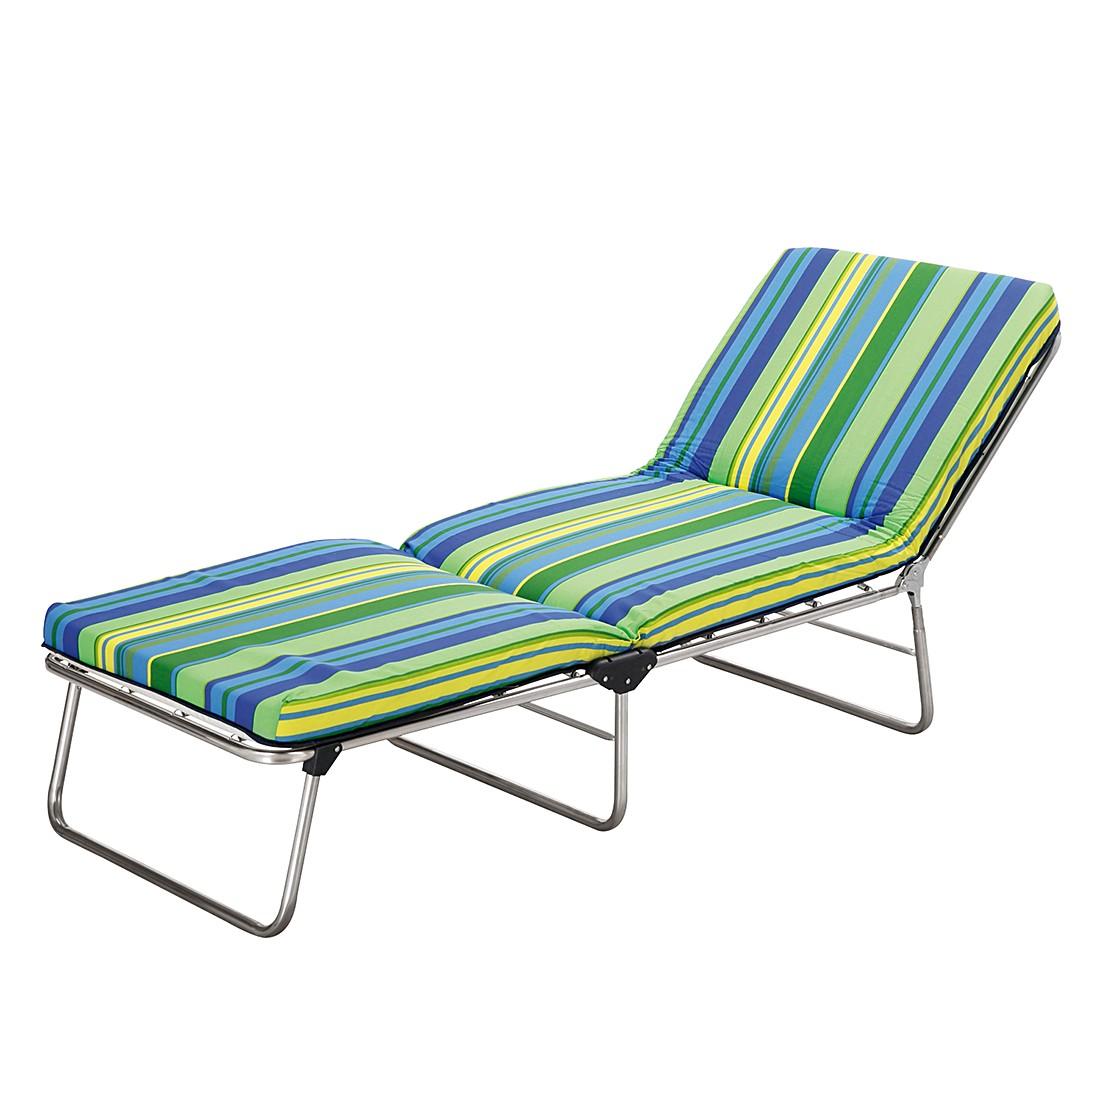 Ultranatura chaise longue nizza en aluminium avec prix for Des chaises longues